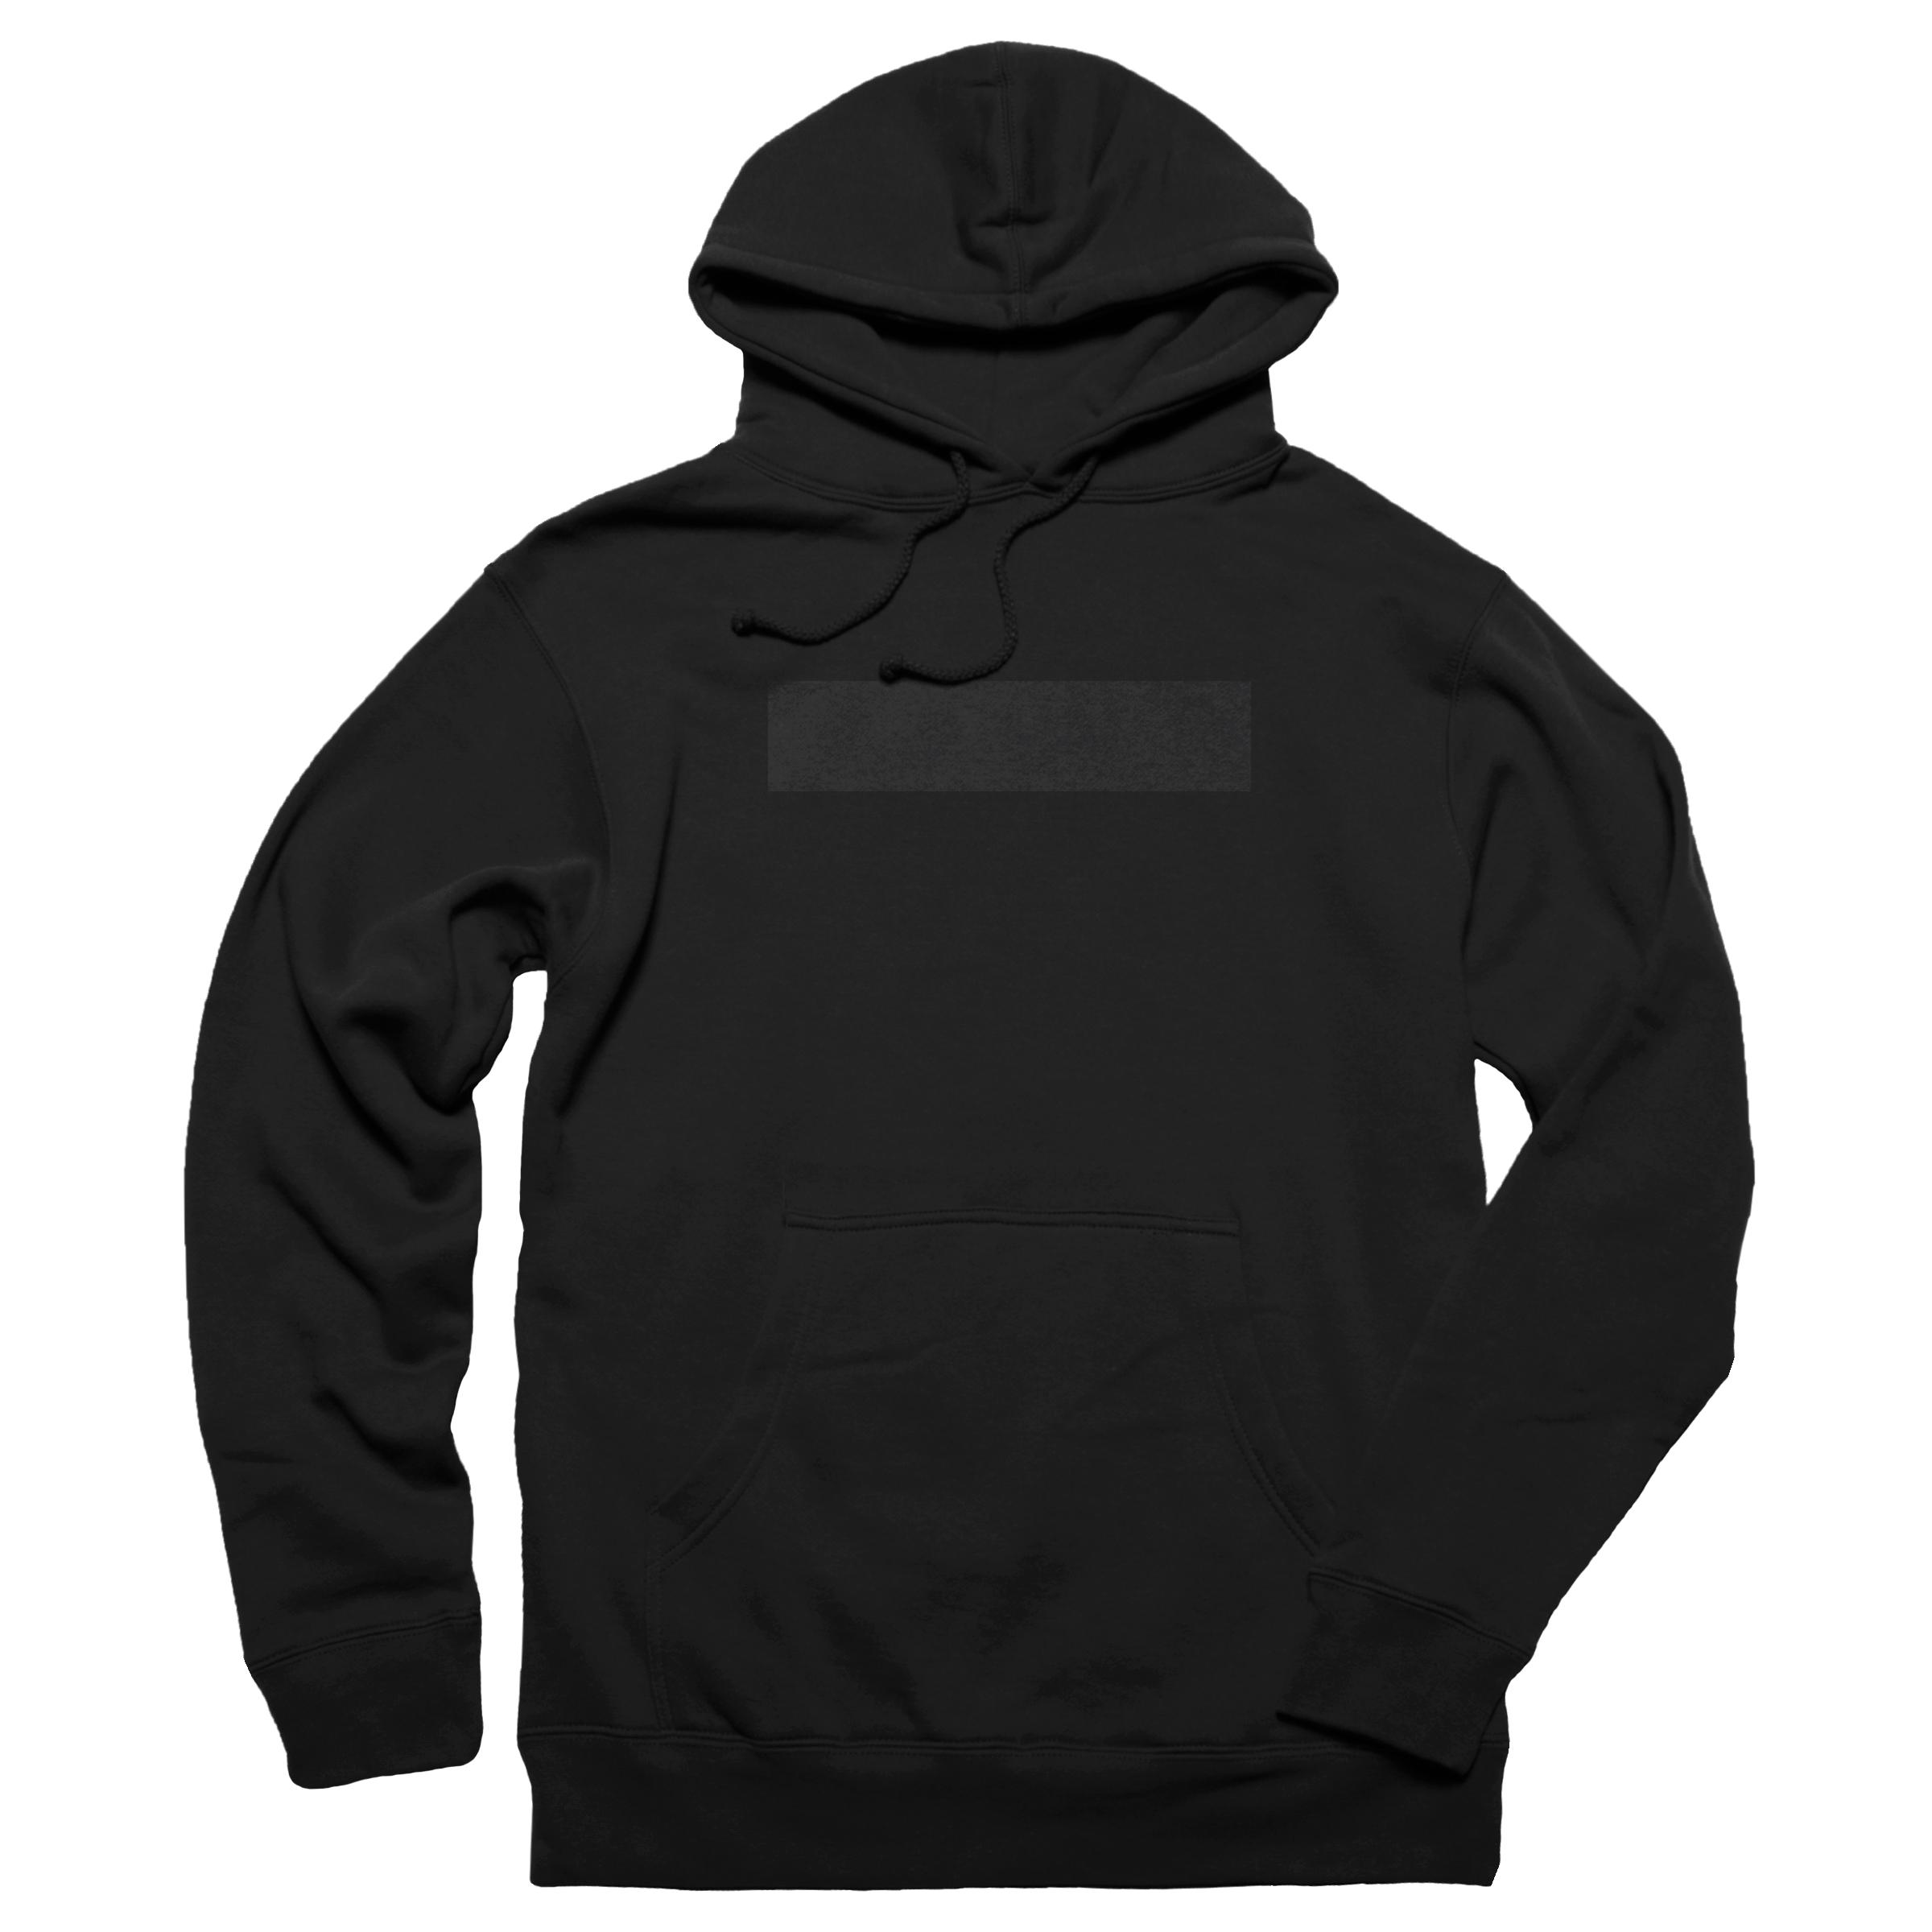 Blackbar Pullover Hoodie